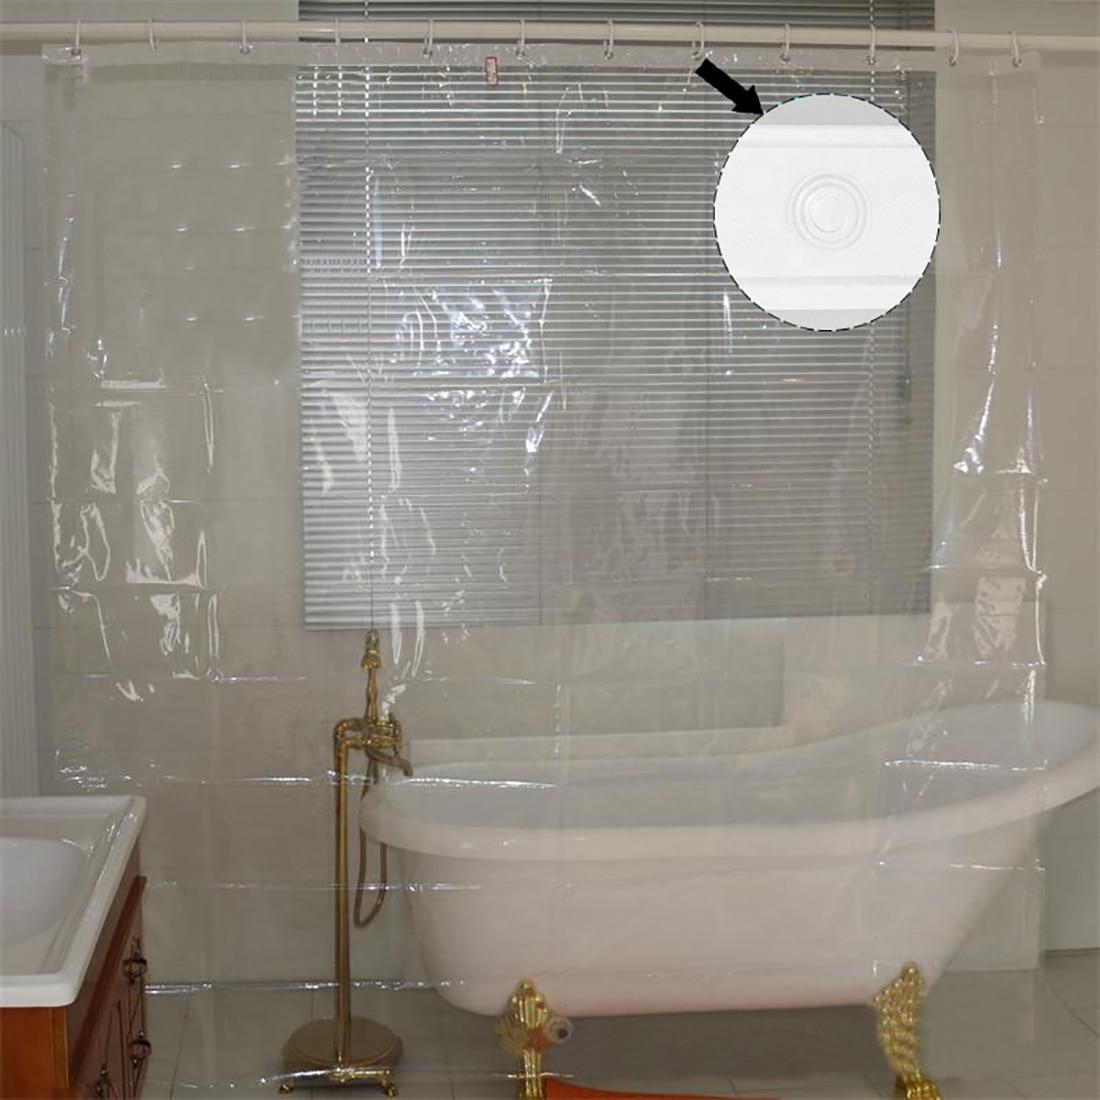 Transparent mehltau proofing Dusche Vorhang Wasserdicht Bad Vorhang Bad  Produkte Hause Handelswaren